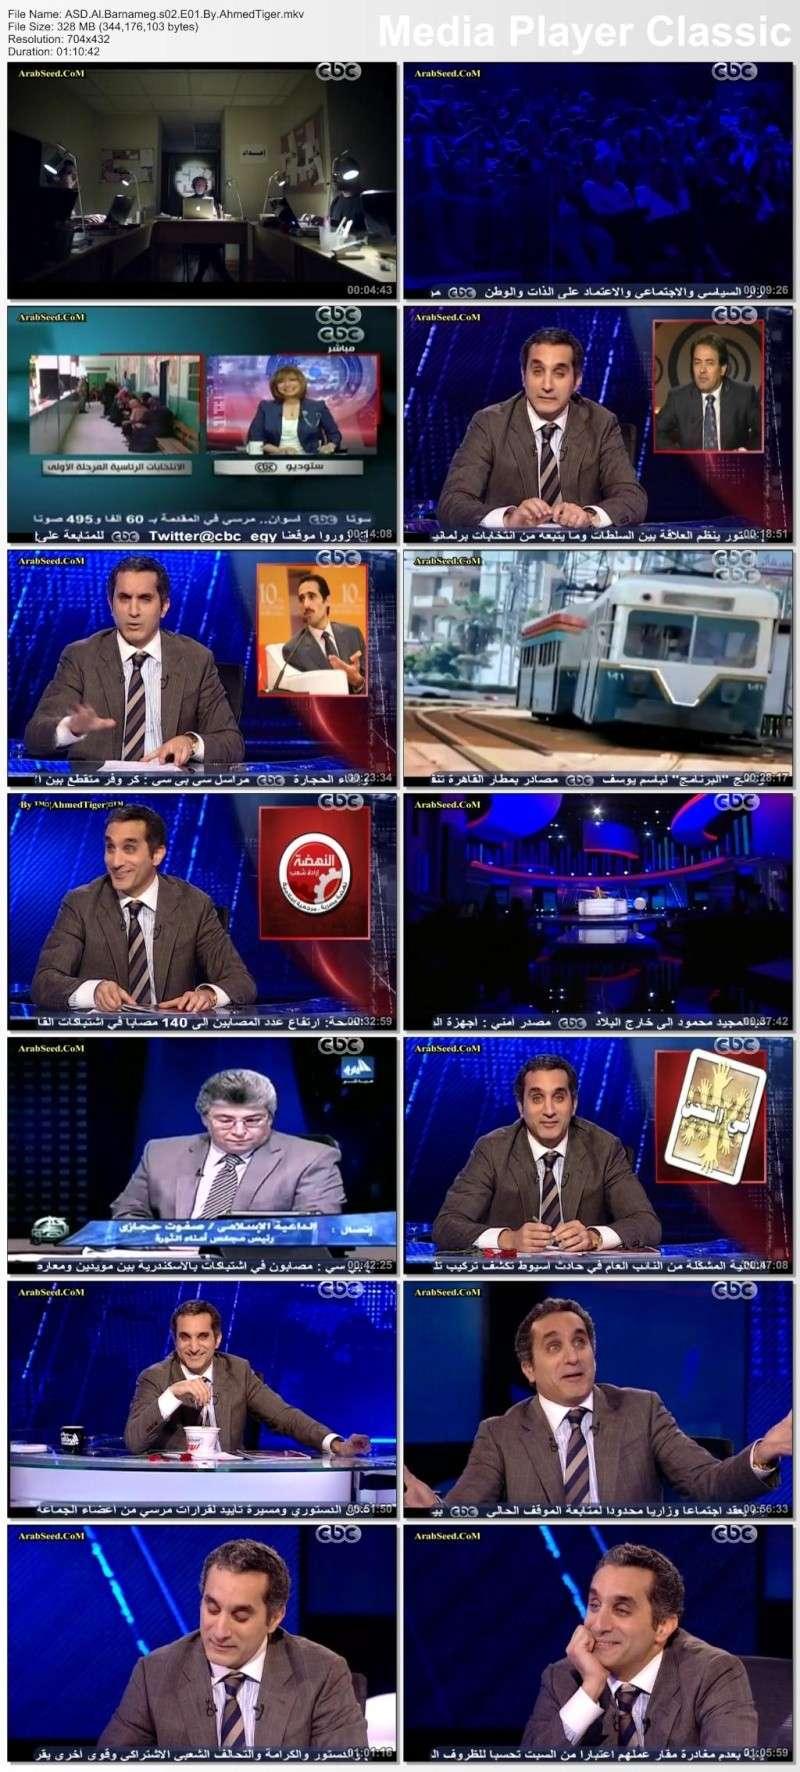 تحميل - تحميل - برنامج البرنامج - الحلقة الاولى - الموسم الثاني Asd_al63